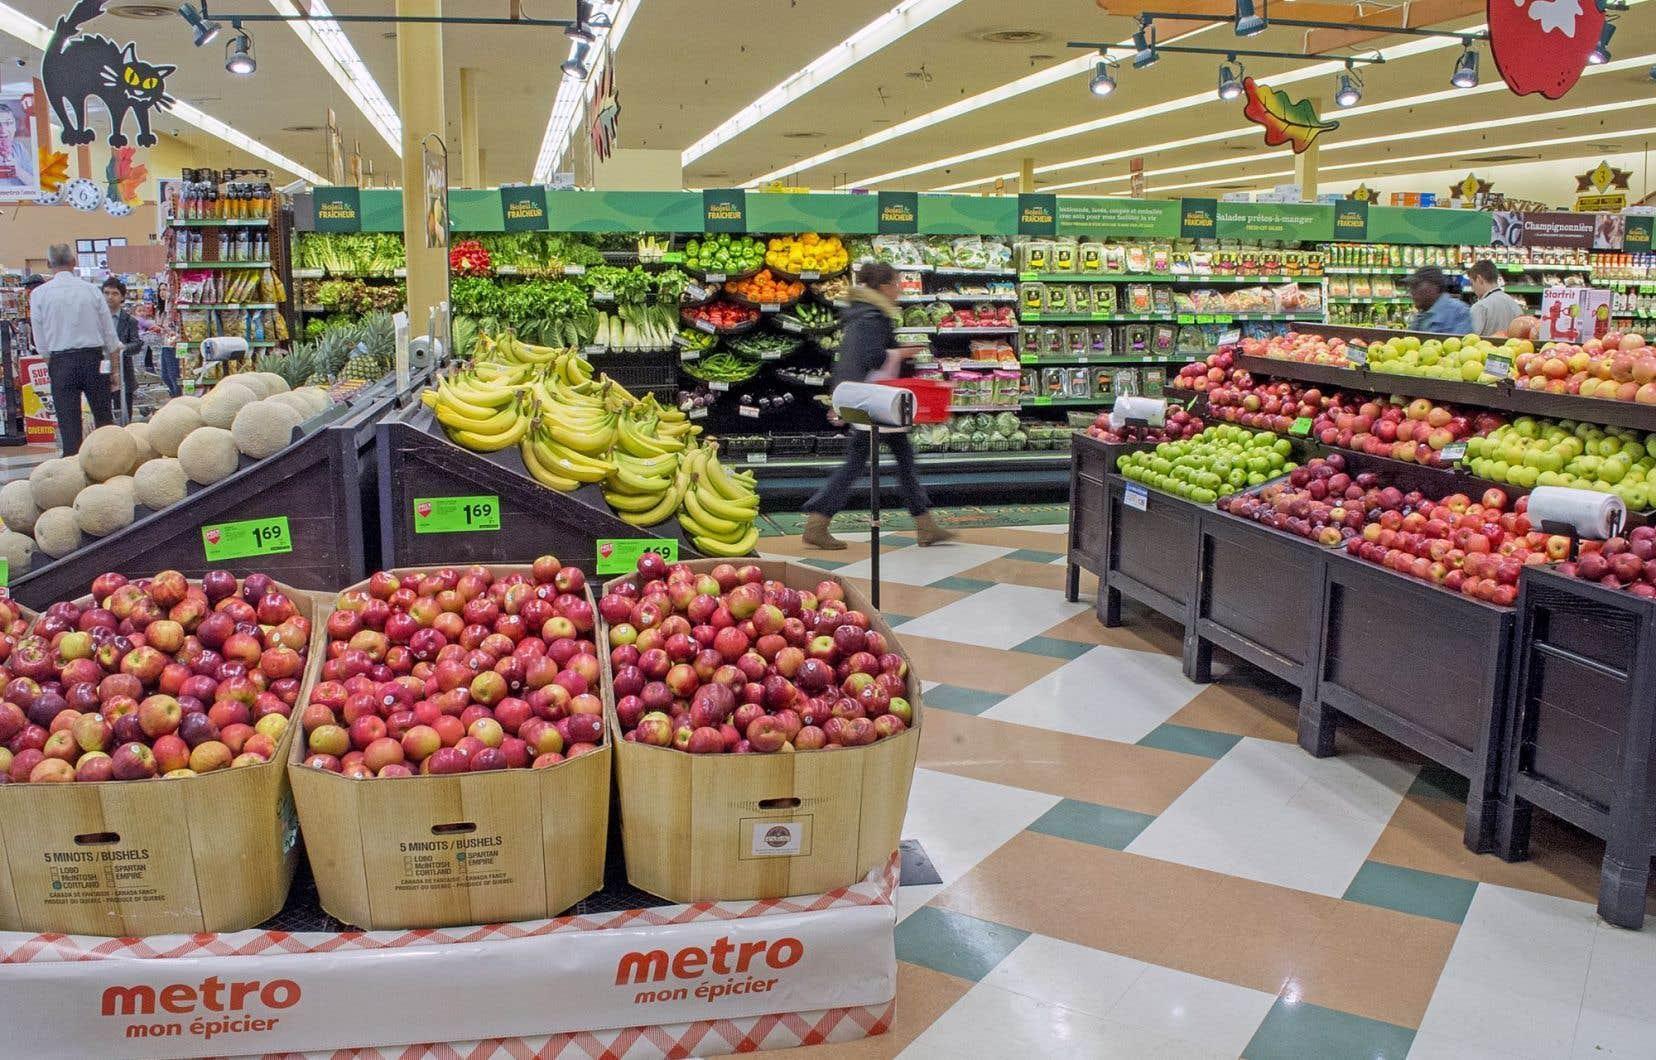 Les Canadiens ont payé 9,8% plus cher pour acheter des pommes de terre le mois dernier par rapport à juillet2015 et 15,6% de plus pour se procurer des pommes.